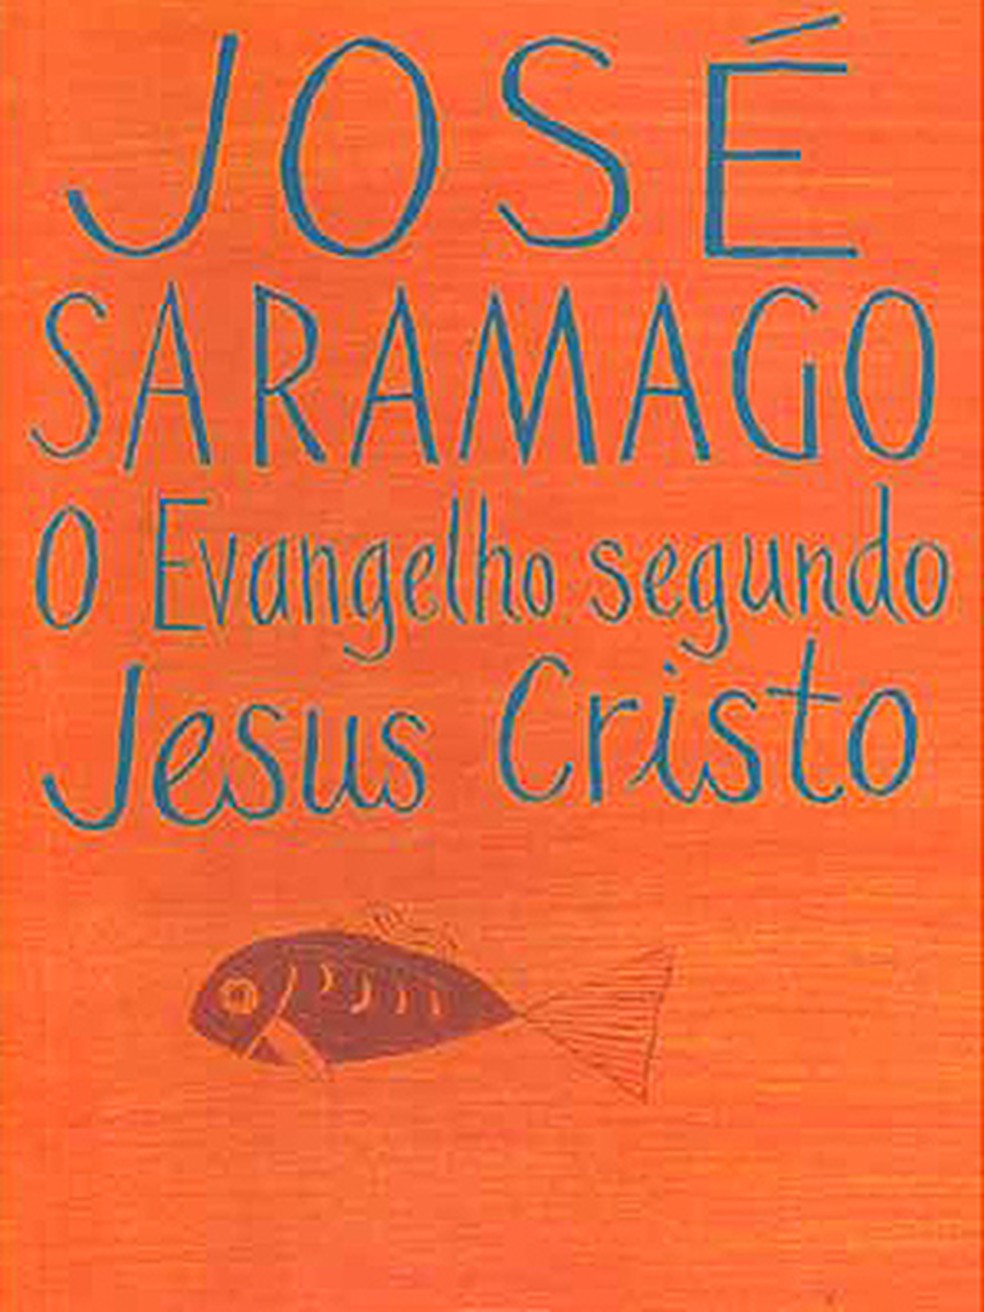 Detalhe da capa de 'O Evangelho segundo Jesus Cristo', importante obra de José Saramago. (Foto: Divulgação)